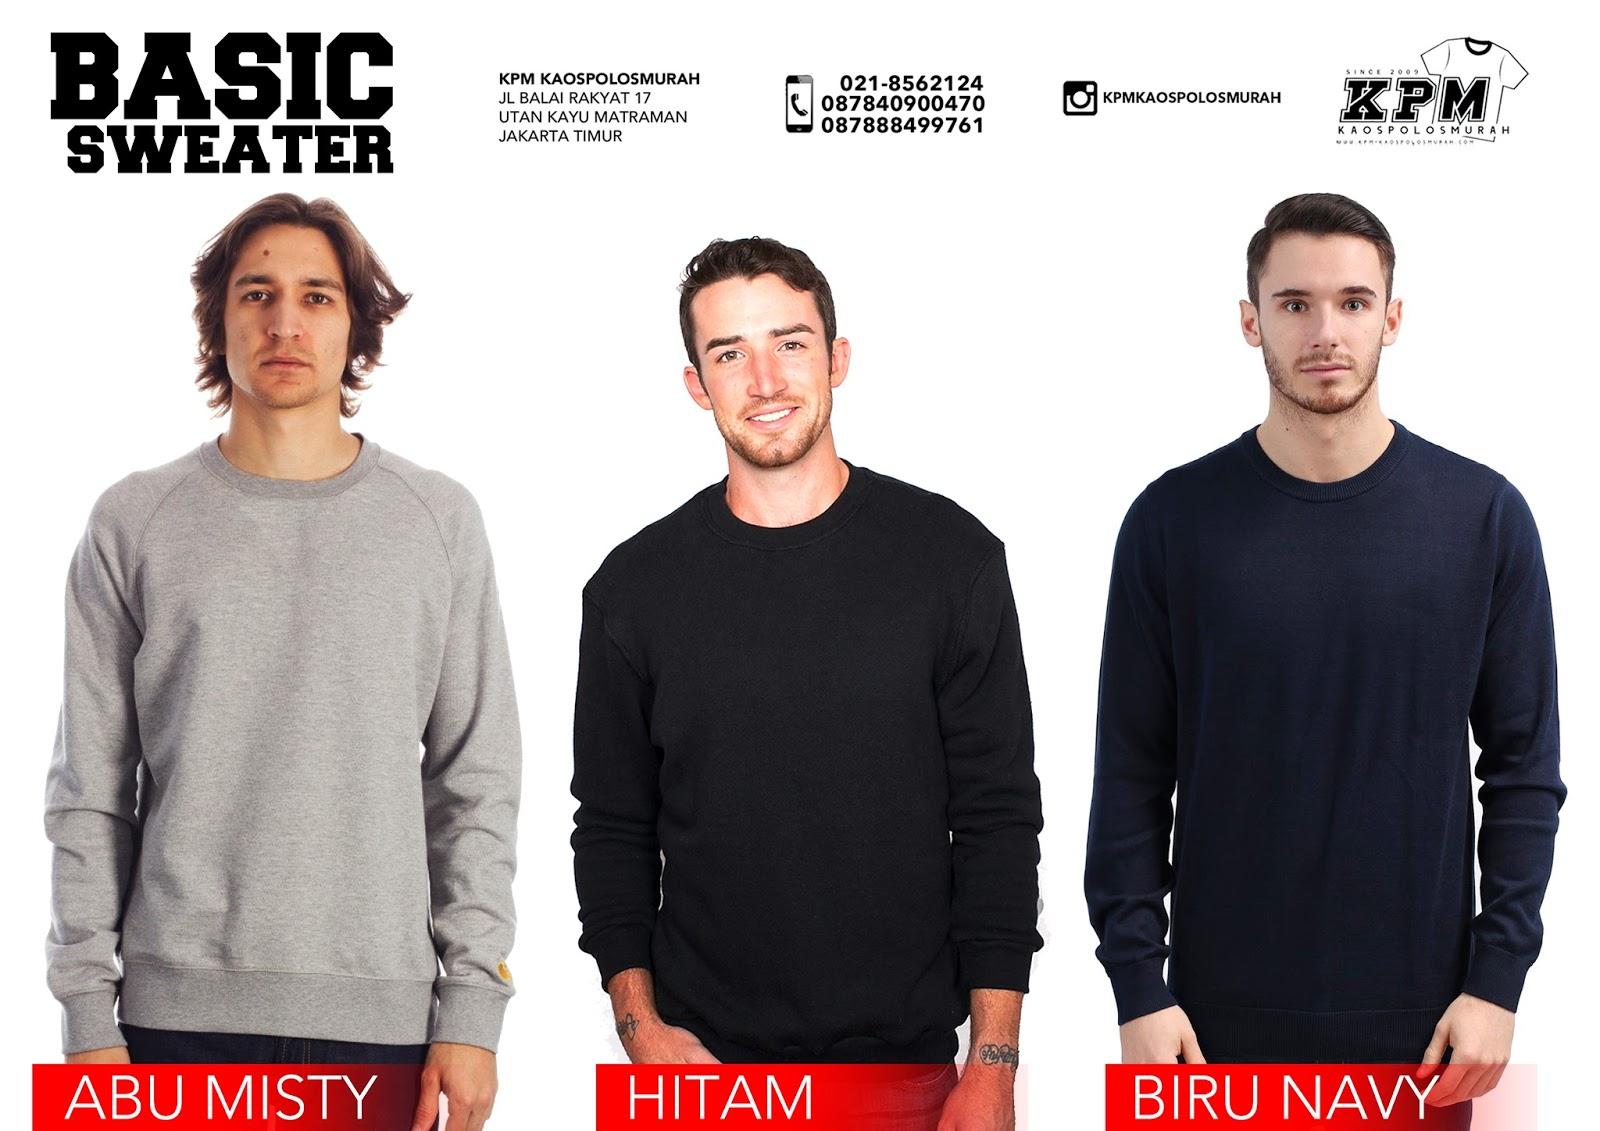 Kpm Kaos Polos Murah Supplier Combed Sablon Sweater Basic Oblong Hitam Jangan Ragu Untuk Mempercayakan Kebutuhan Anda Di Toko Kami Merupakan Sejak Tahun 2009 Sudah Berpengalaman Dalam